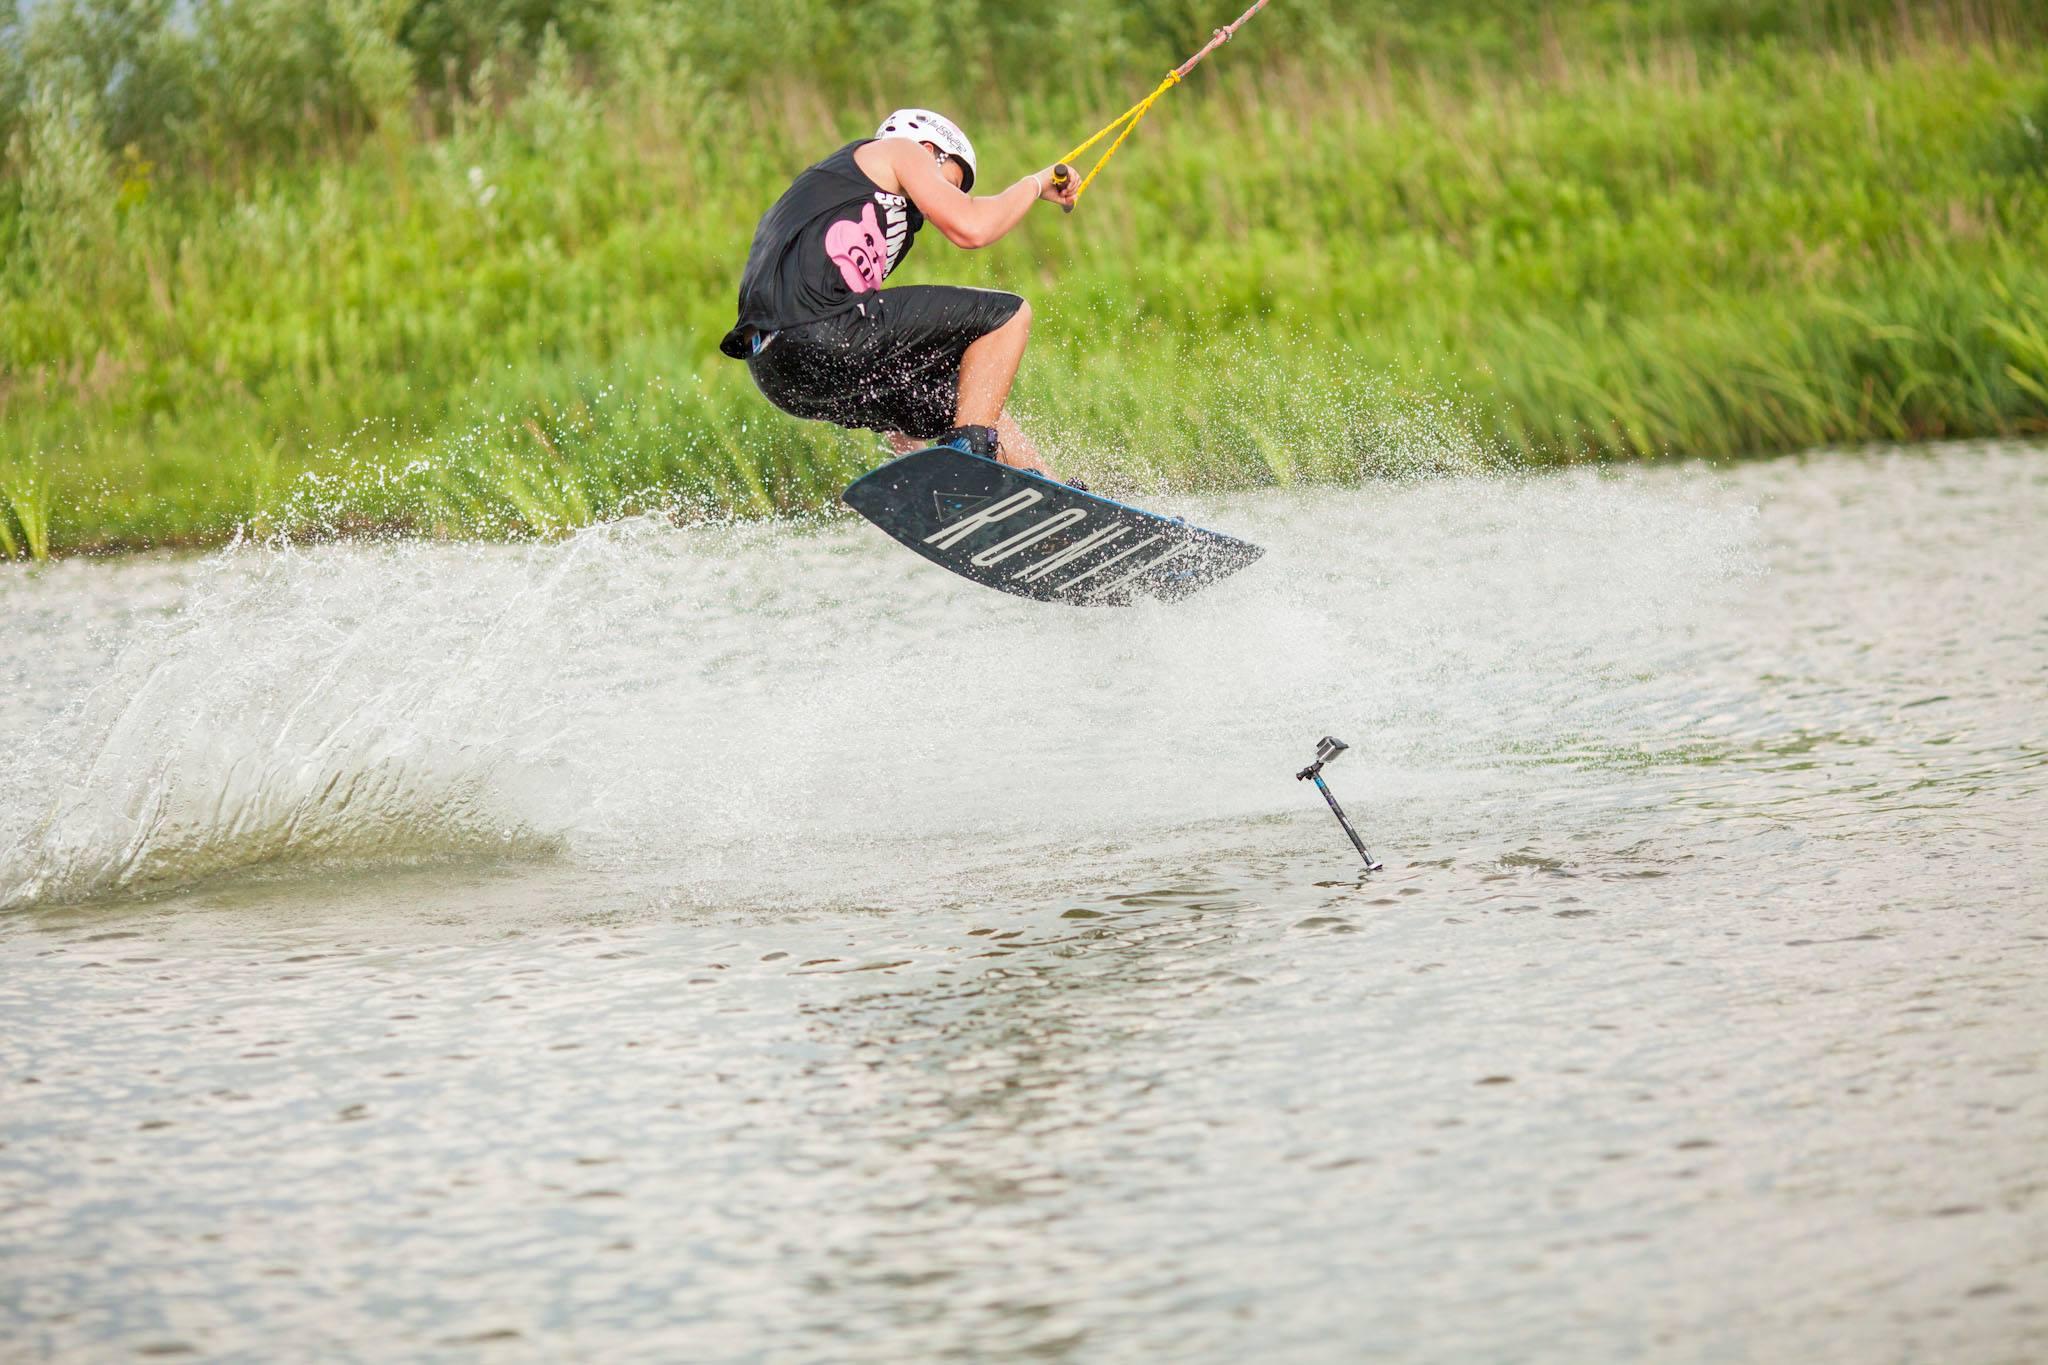 Mężczyzna na wakeboardzie na wodzie